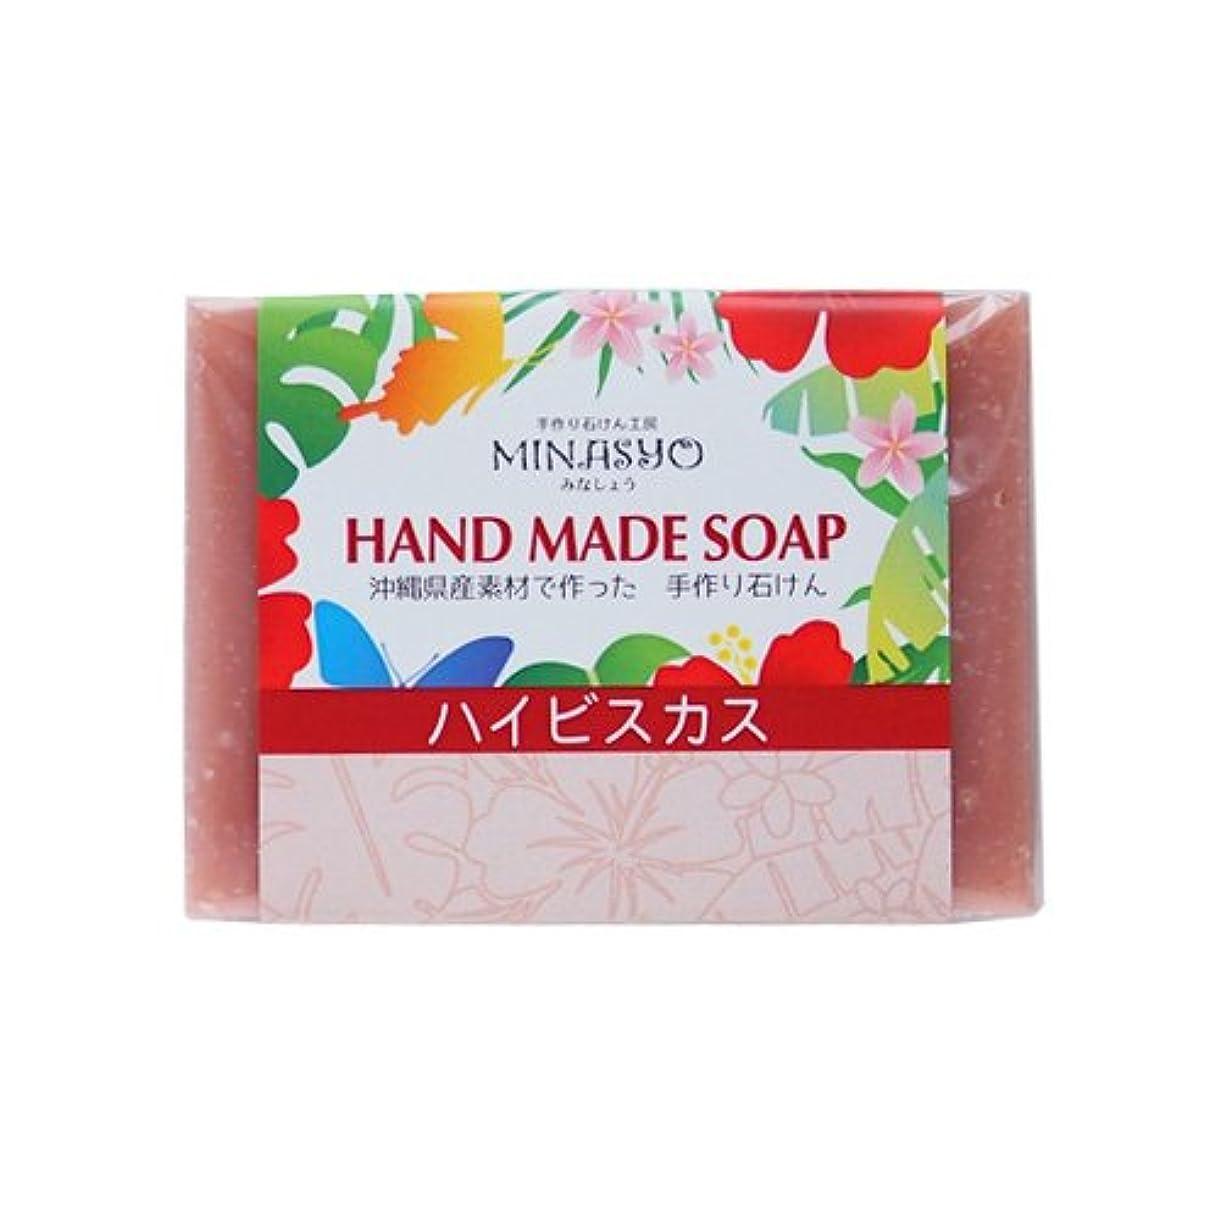 ピンククレイ 洗顔石鹸 無添加 固形 毛穴ケア 手作りローゼル石鹸